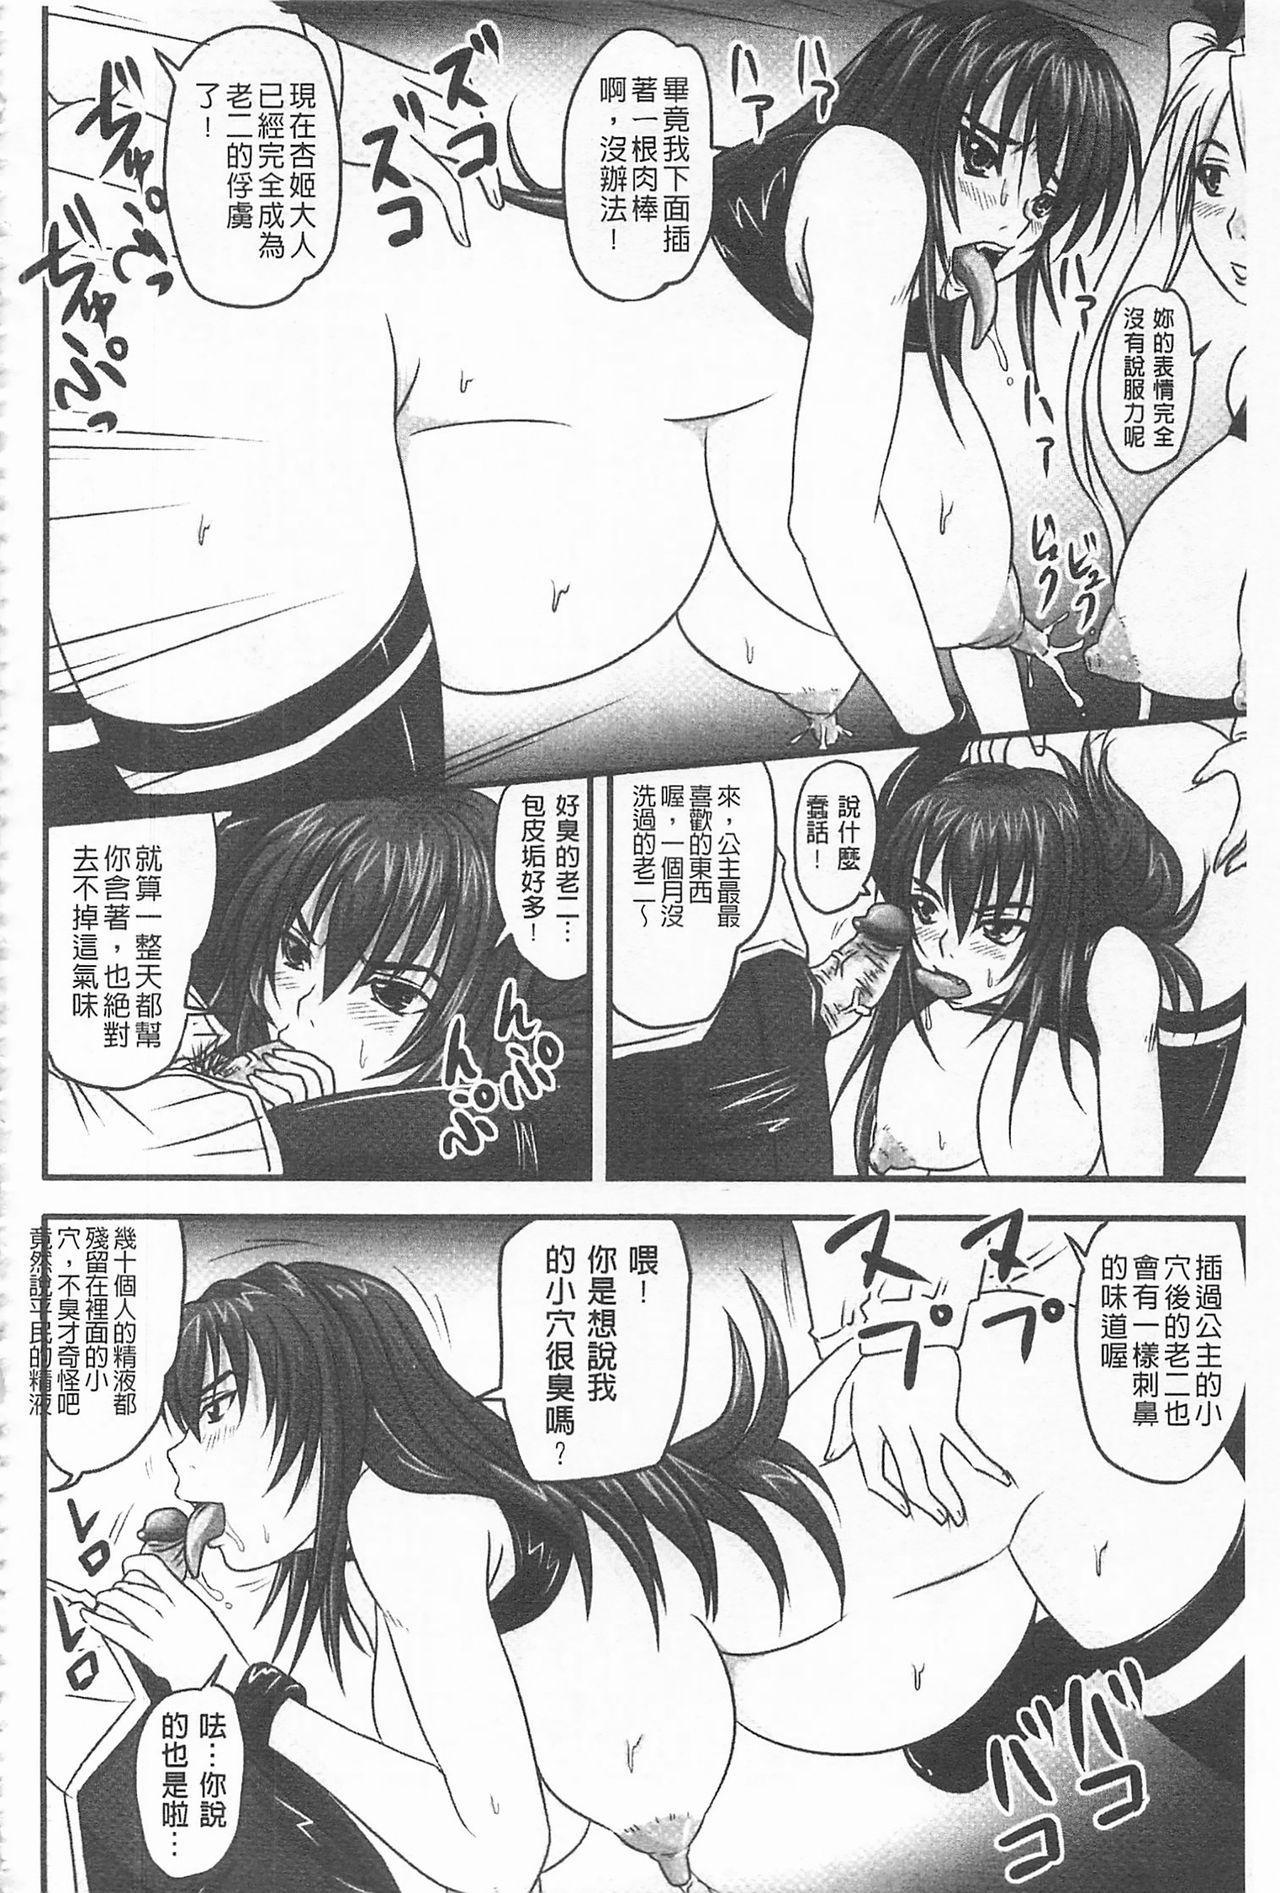 [Nozarashi Satoru] Do S na Hime wa Kegasareru -Inga no Shou- | 超S的公主被玷汙了 ~因果之章~ [Chinese] 132